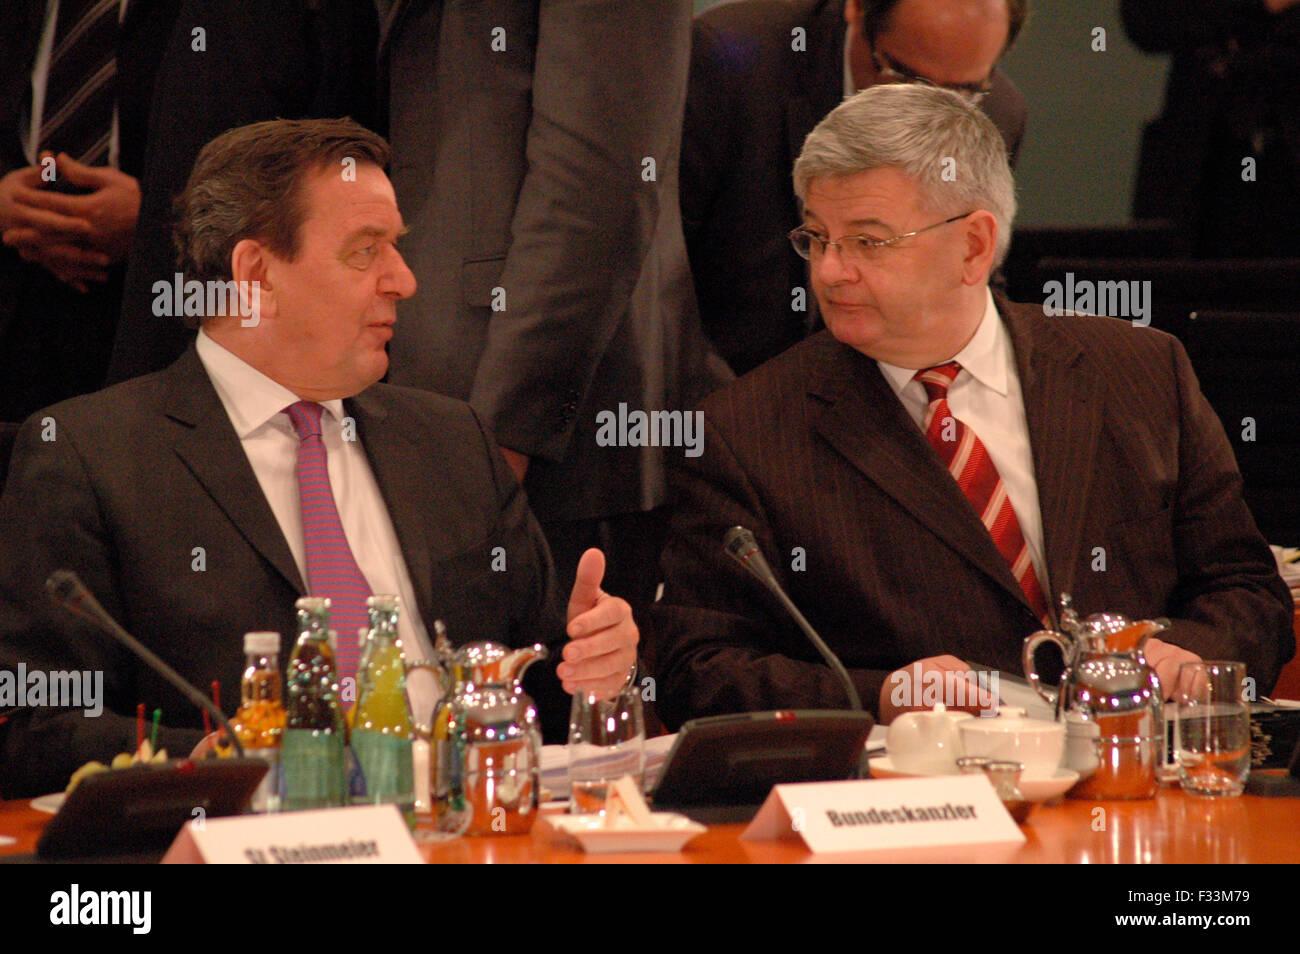 Bundeskanzler Gerhard Schroeder, Aussenminister Joschka Fischer - Treffen des Bundeskanzlers und Mitgliedern der - Stock Image